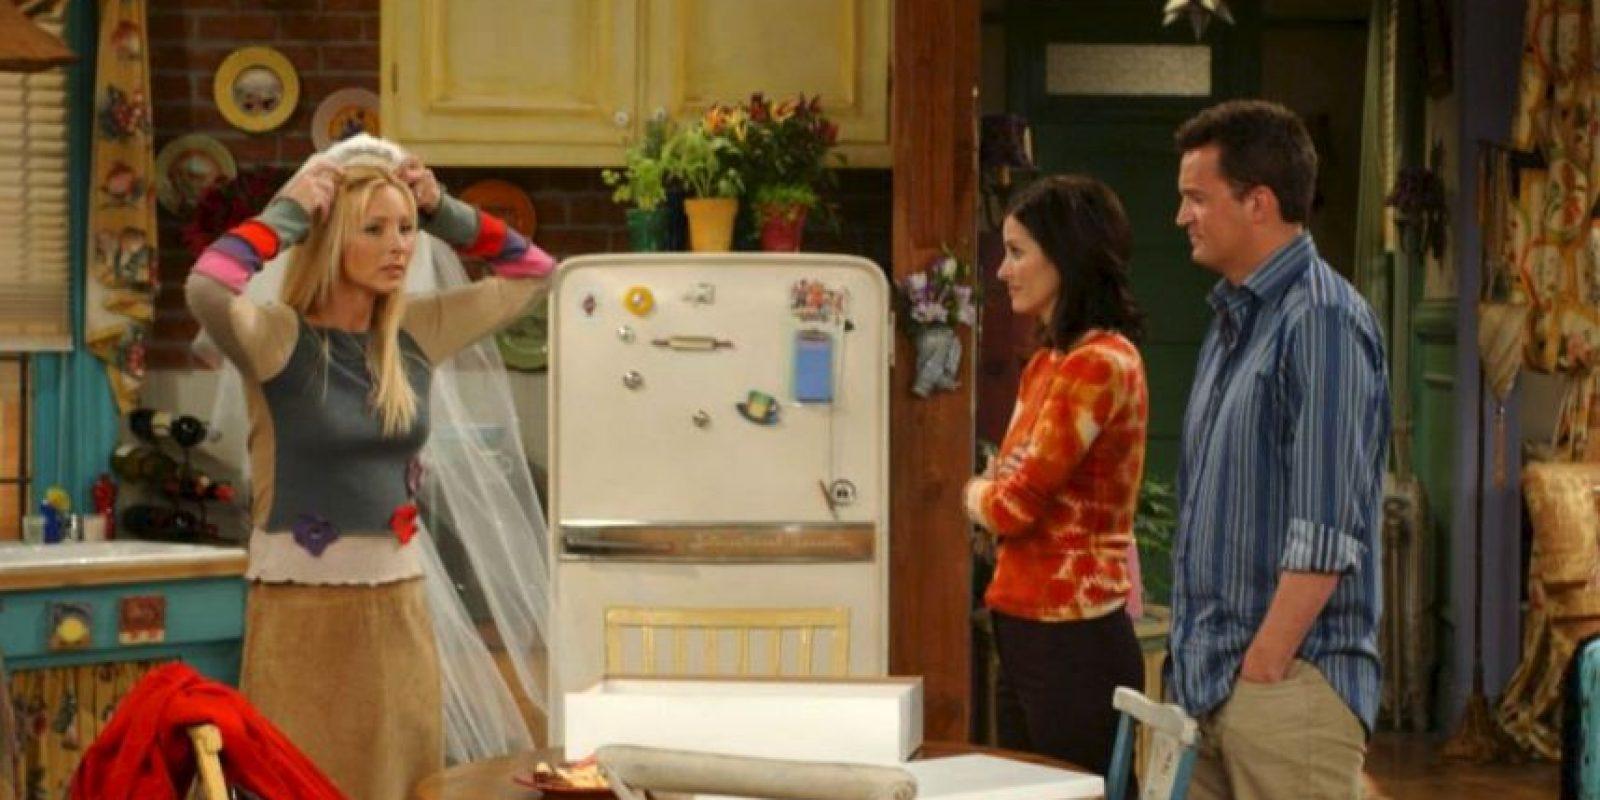 Al final, su embarazo, boda y todo lo que vivió con sus amigos se convierte en una ilusión Foto:vía facebook.com/friends.tv